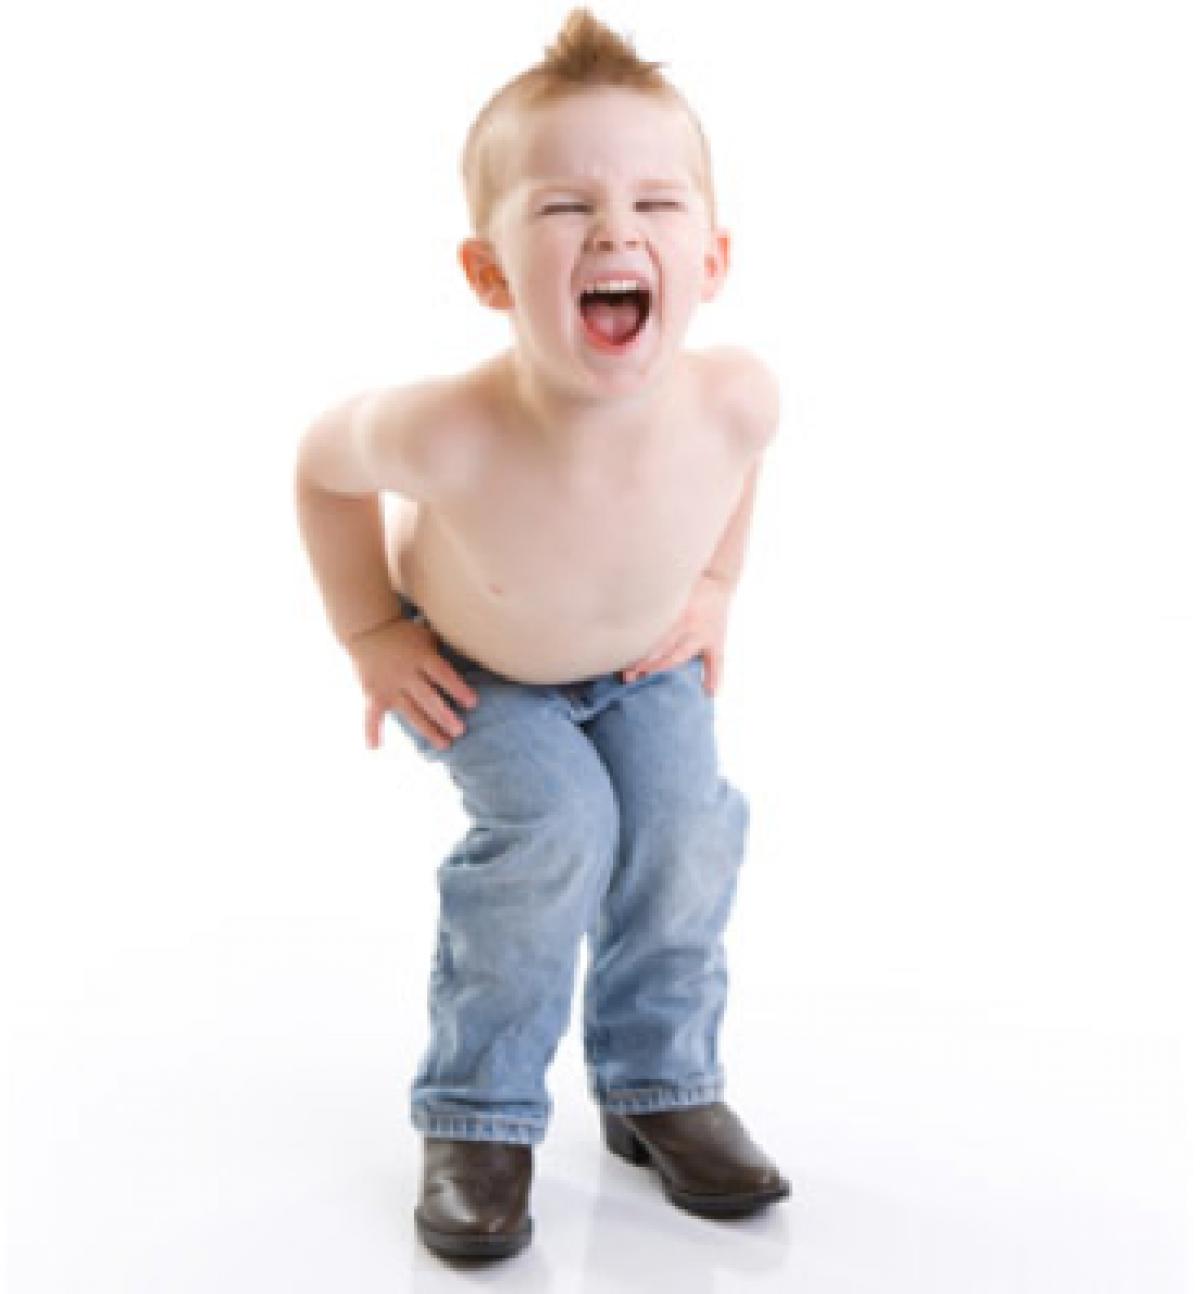 a318e27385f Η μαμά ρωτάει: Ο γιος μου είναι ΠΟΛΥ ζωηρός. Τι να κάνω; - Eimaimama.gr